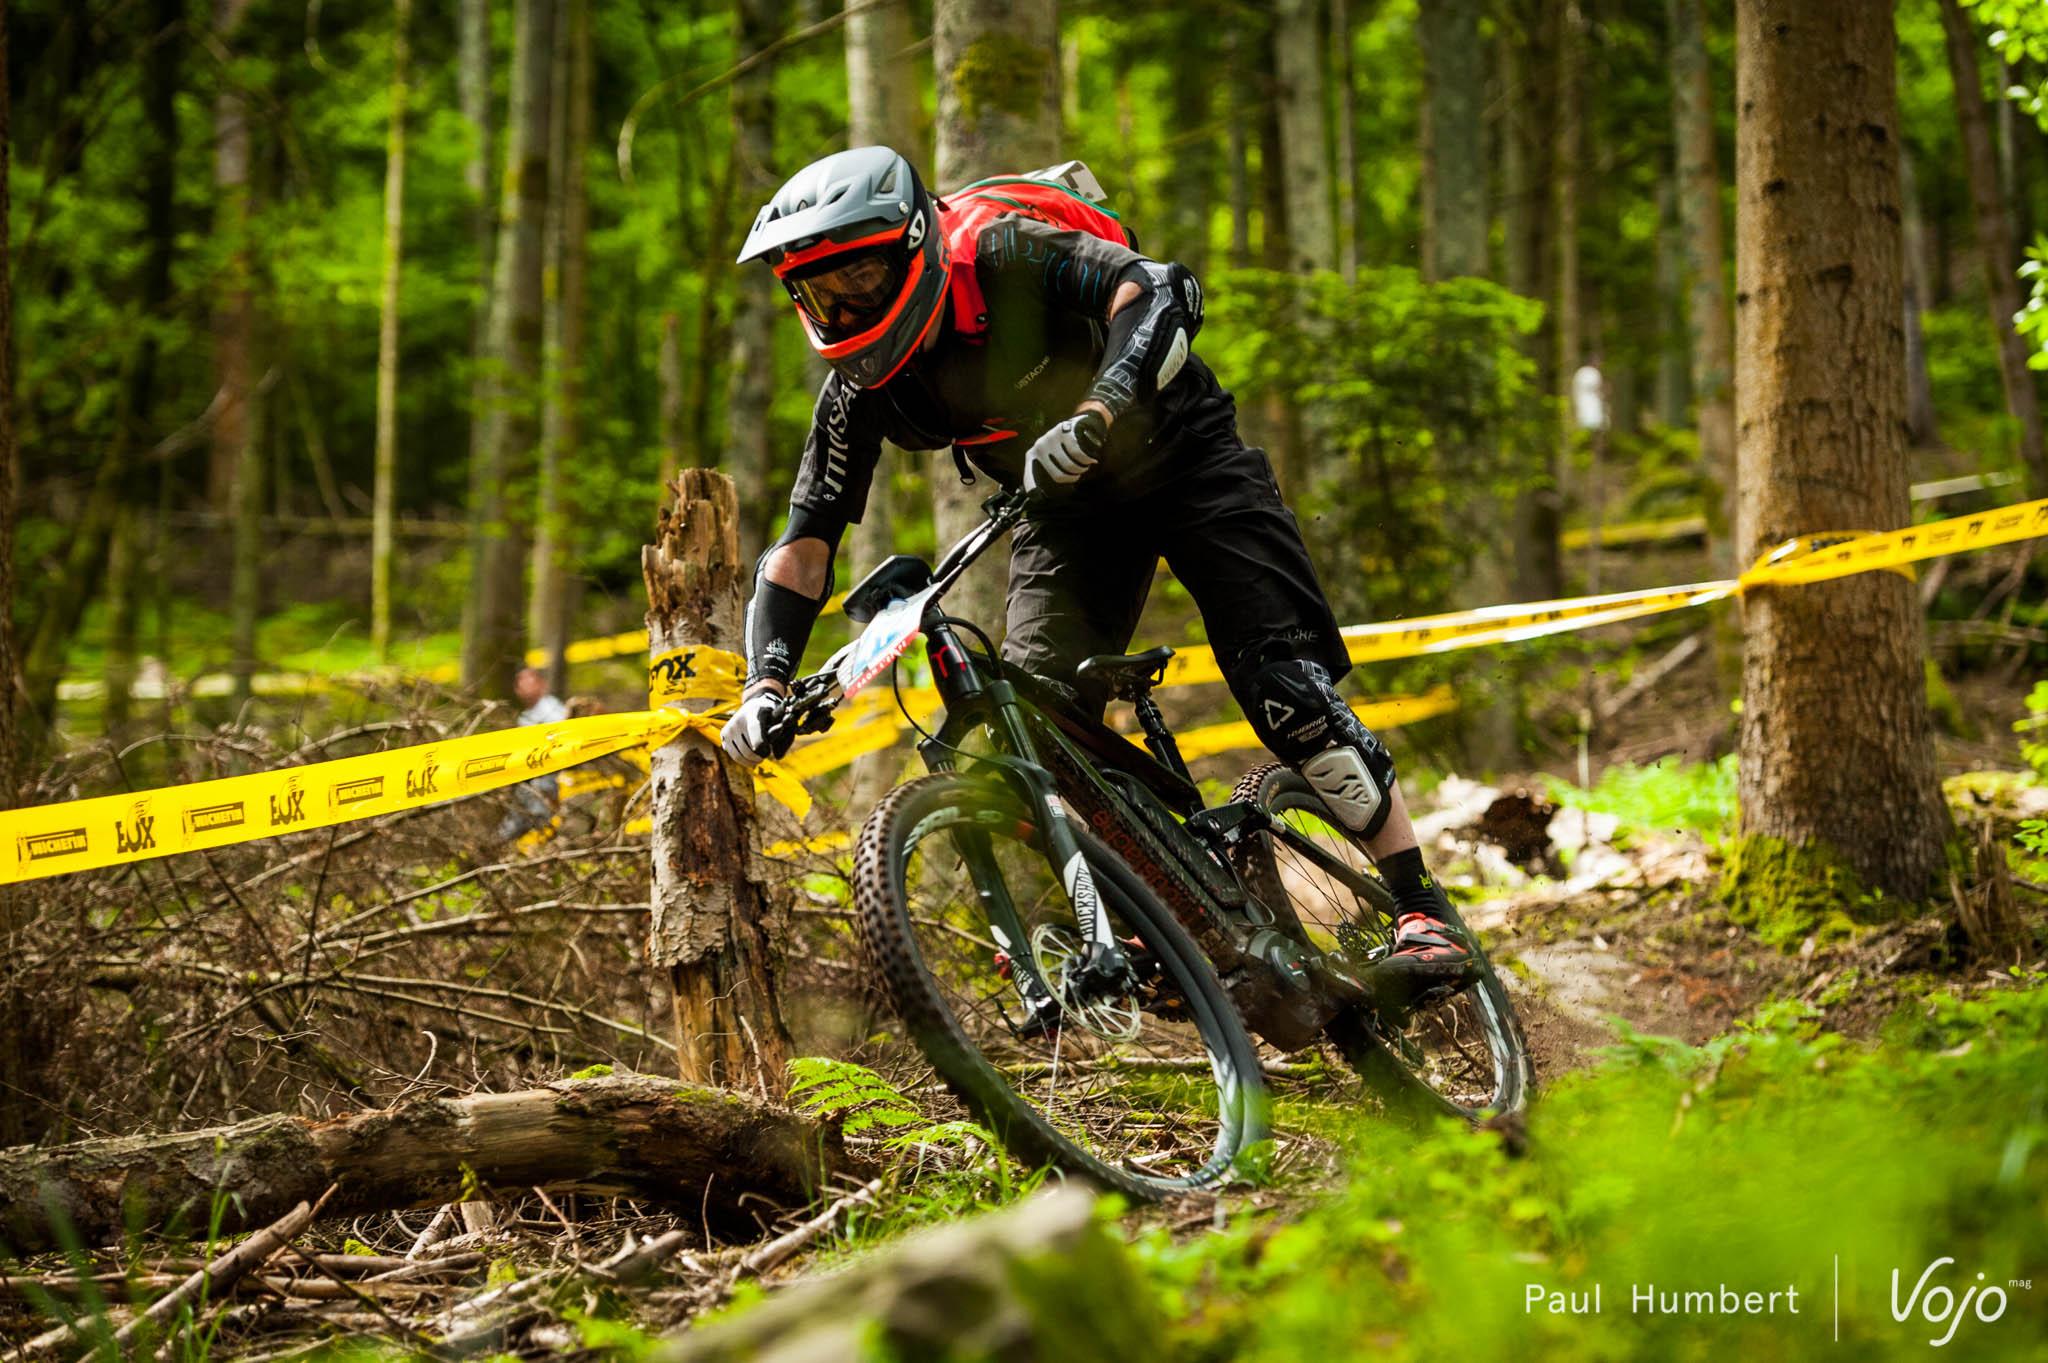 Raon-l-etape-vojo-2016-paul-humbert-47